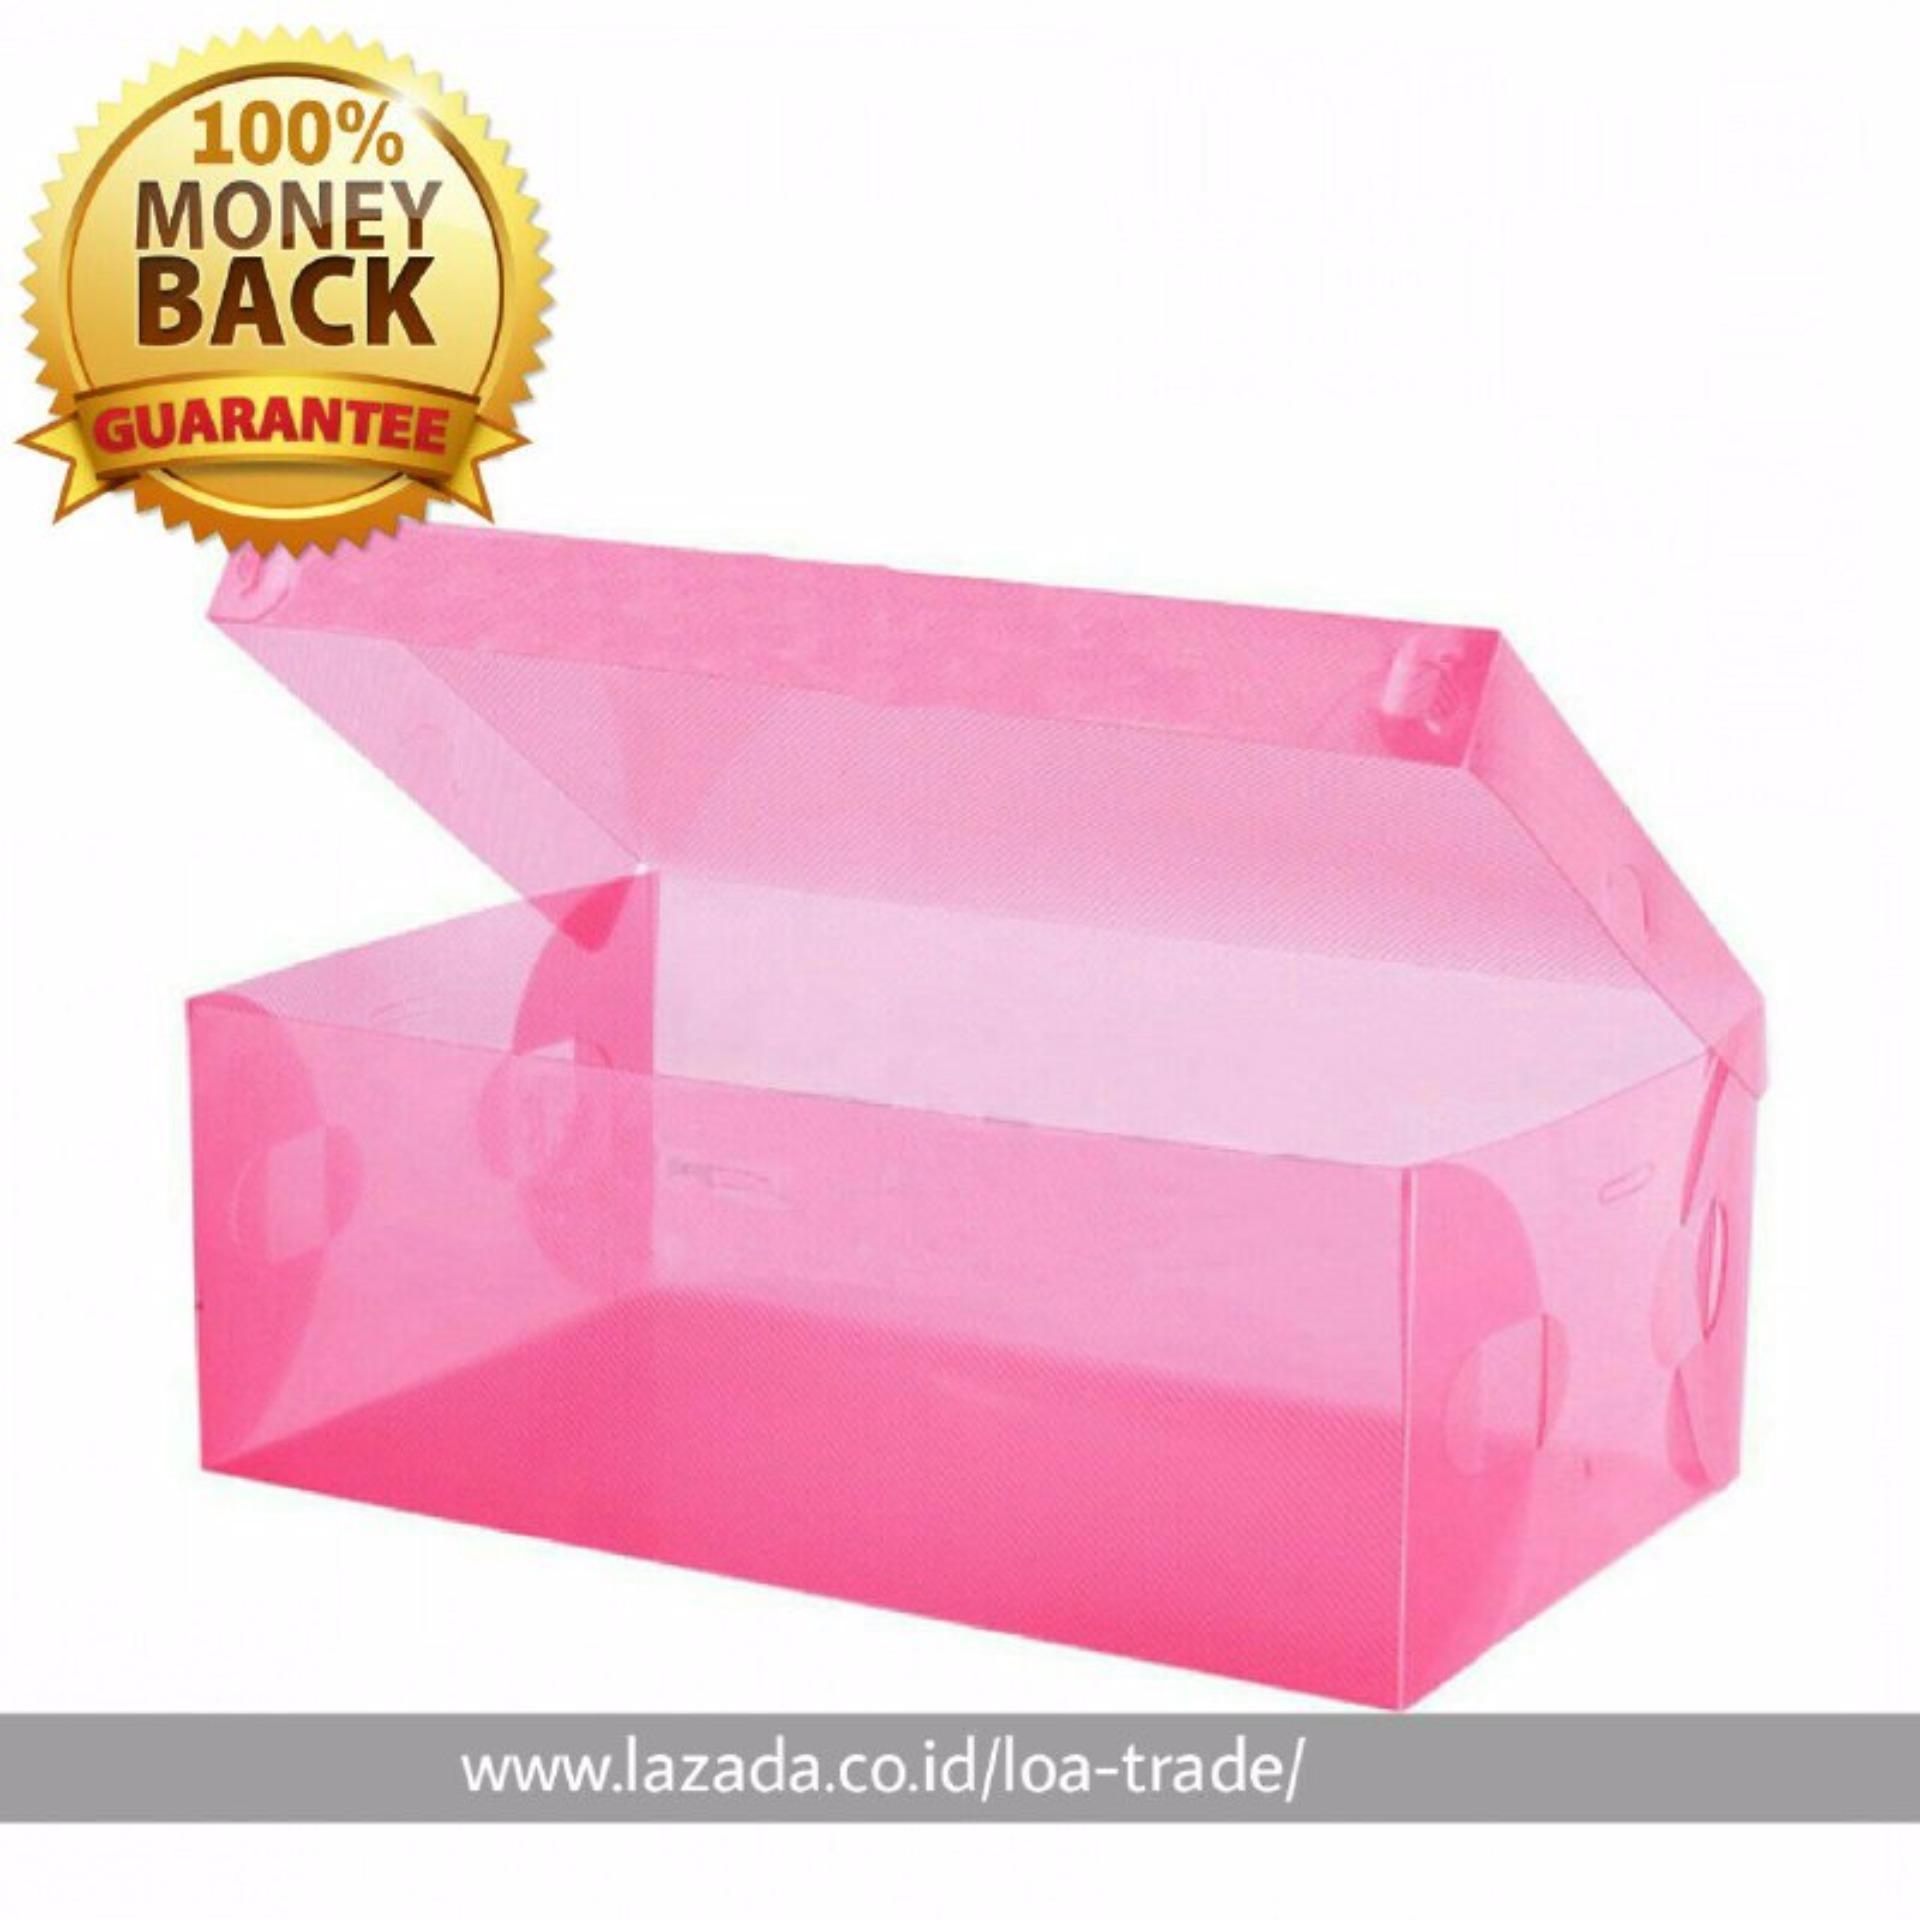 LOA - Kotak Sepatu Transparan 10Pcs Warna Warni   Penyimpanan Sepatu   Kotak  Sepatu Transparan   05f0a4dc2e